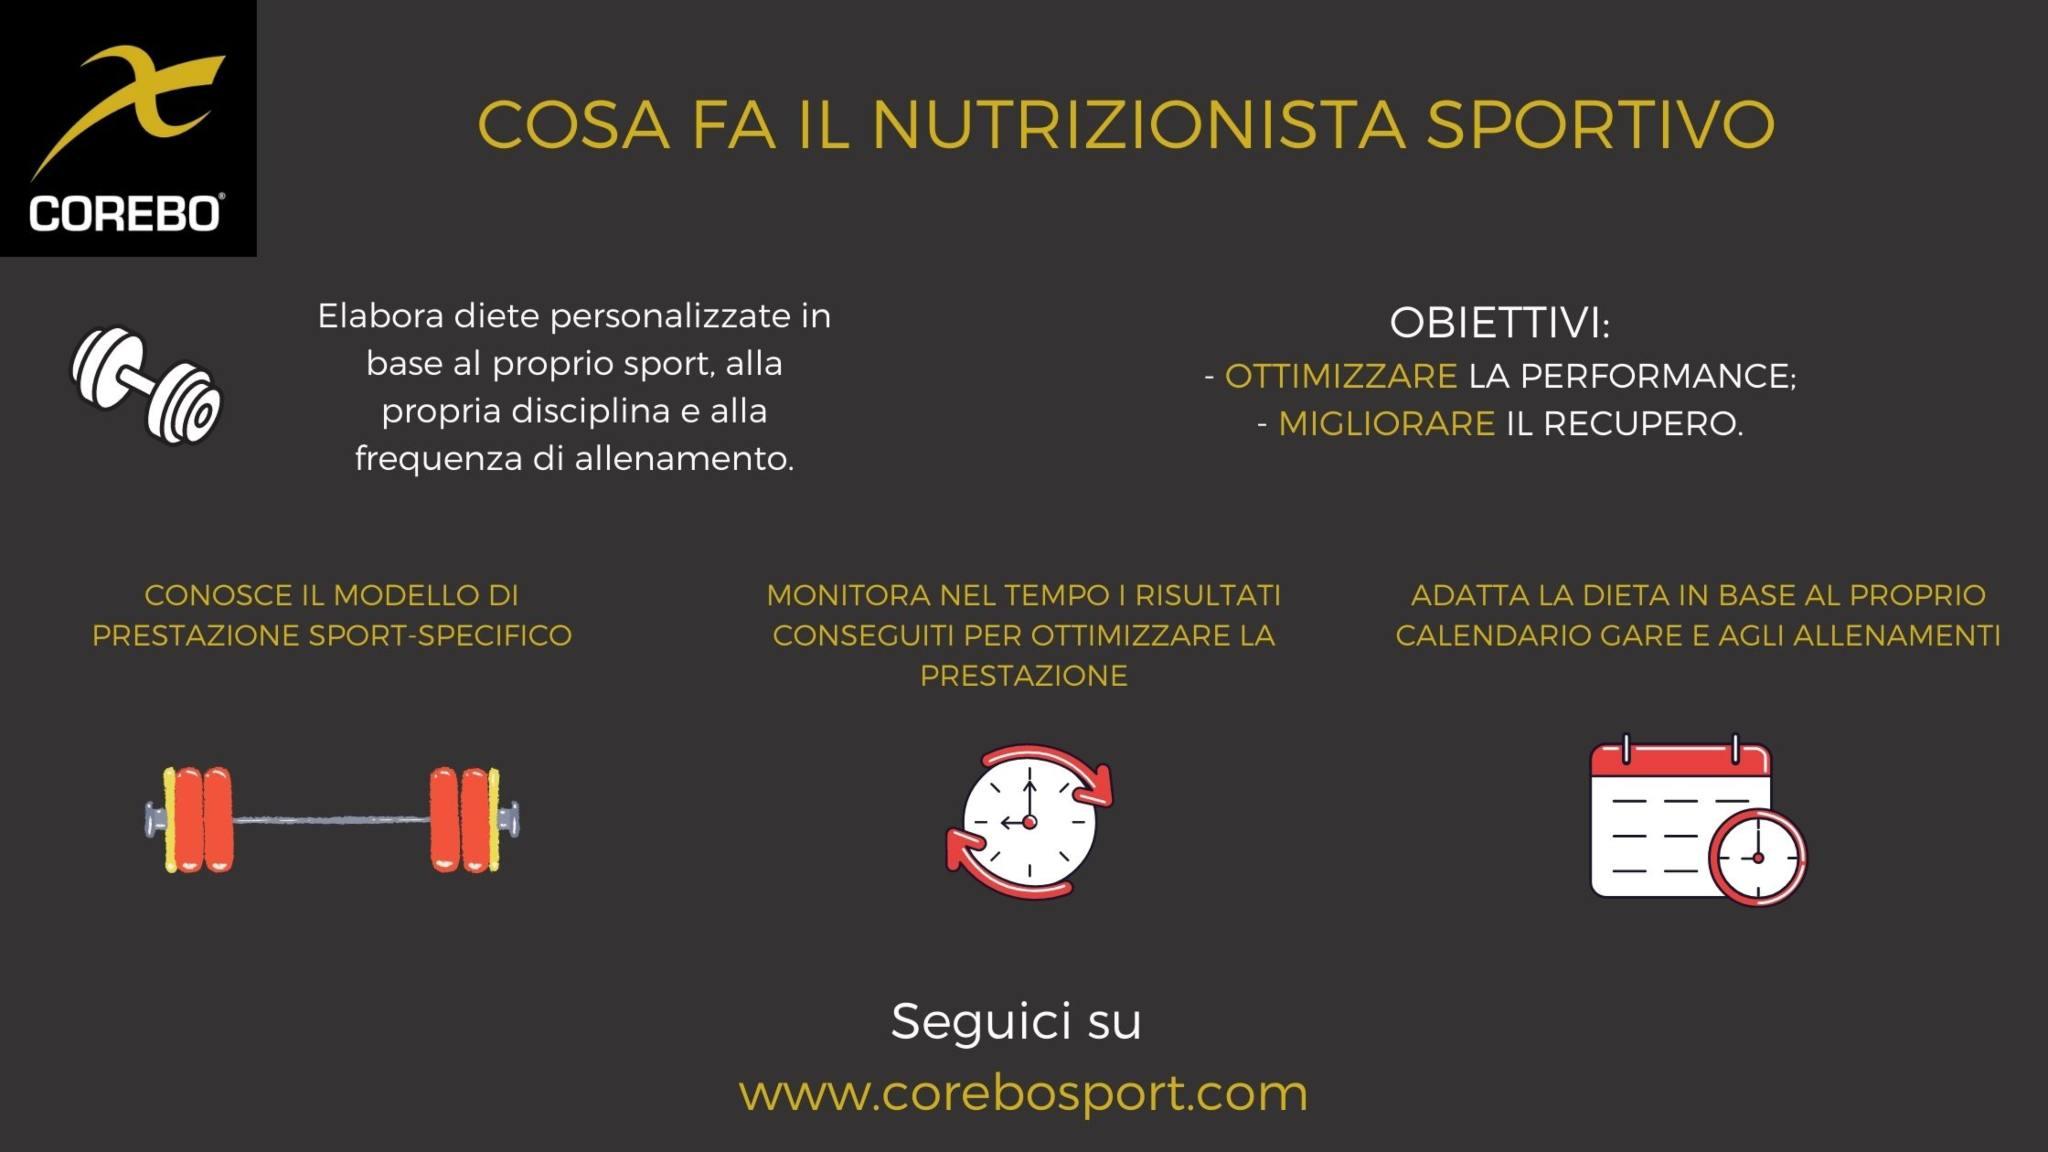 Cosa fa il nutrizionista sportivo